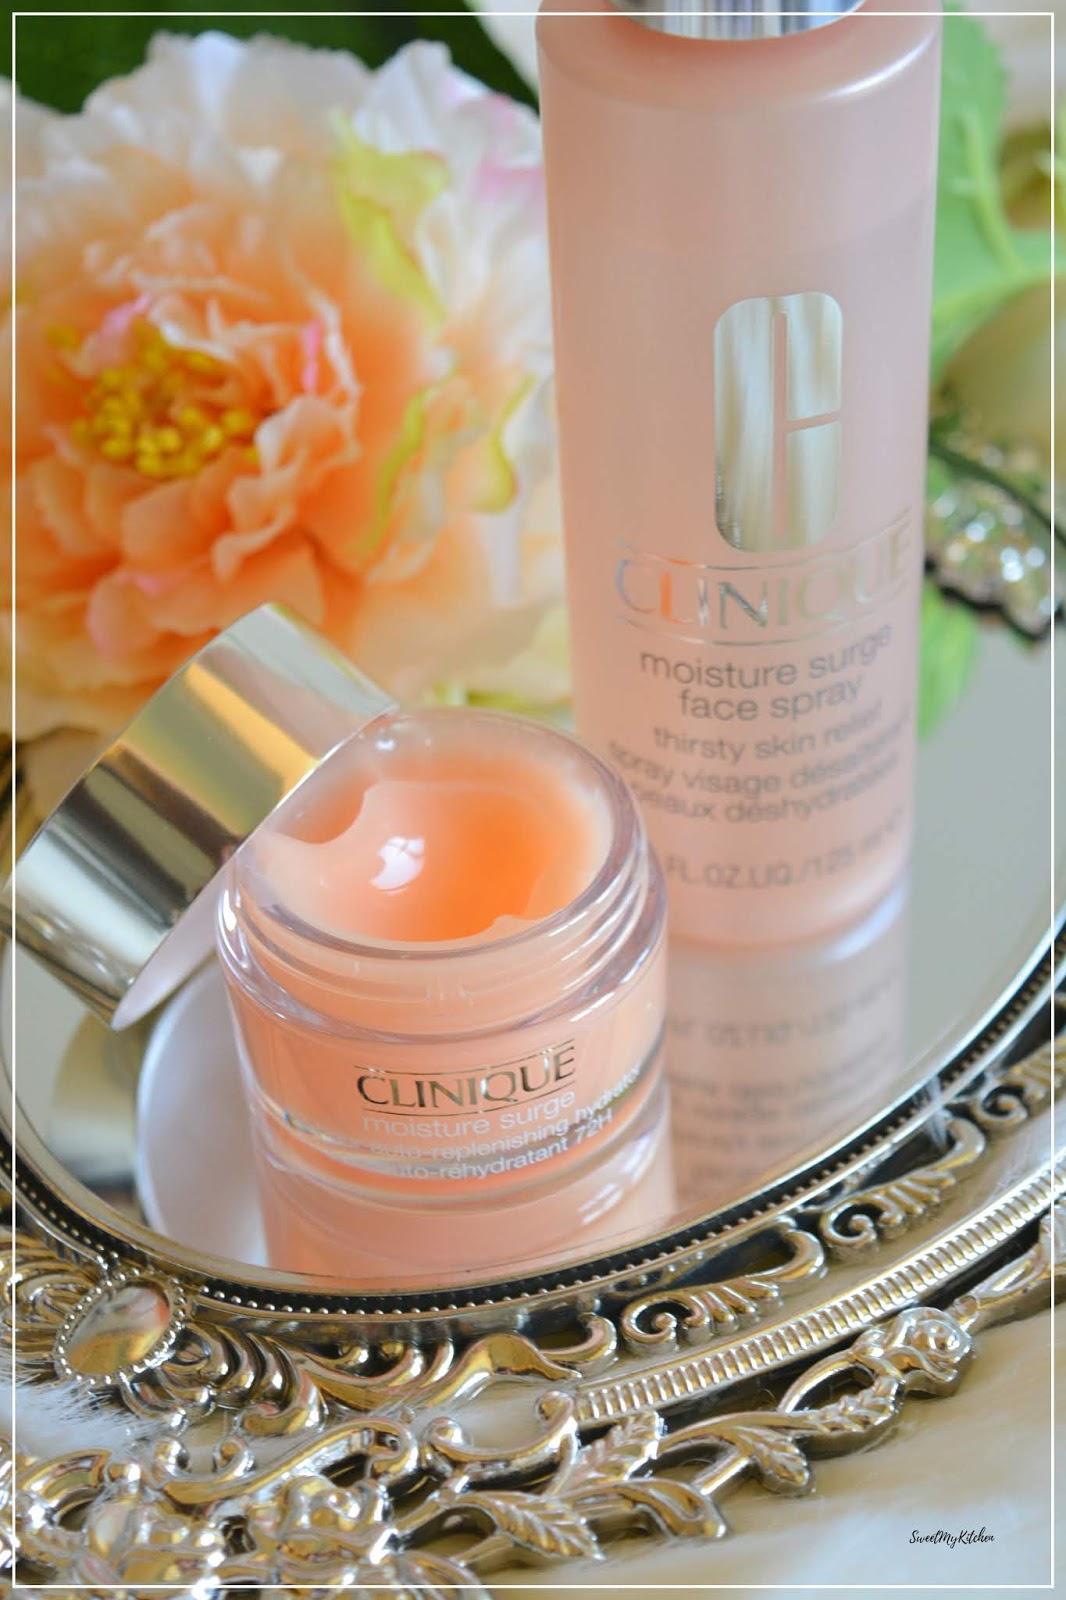 Clinique Moisture Surge 72 Hour moisturizer